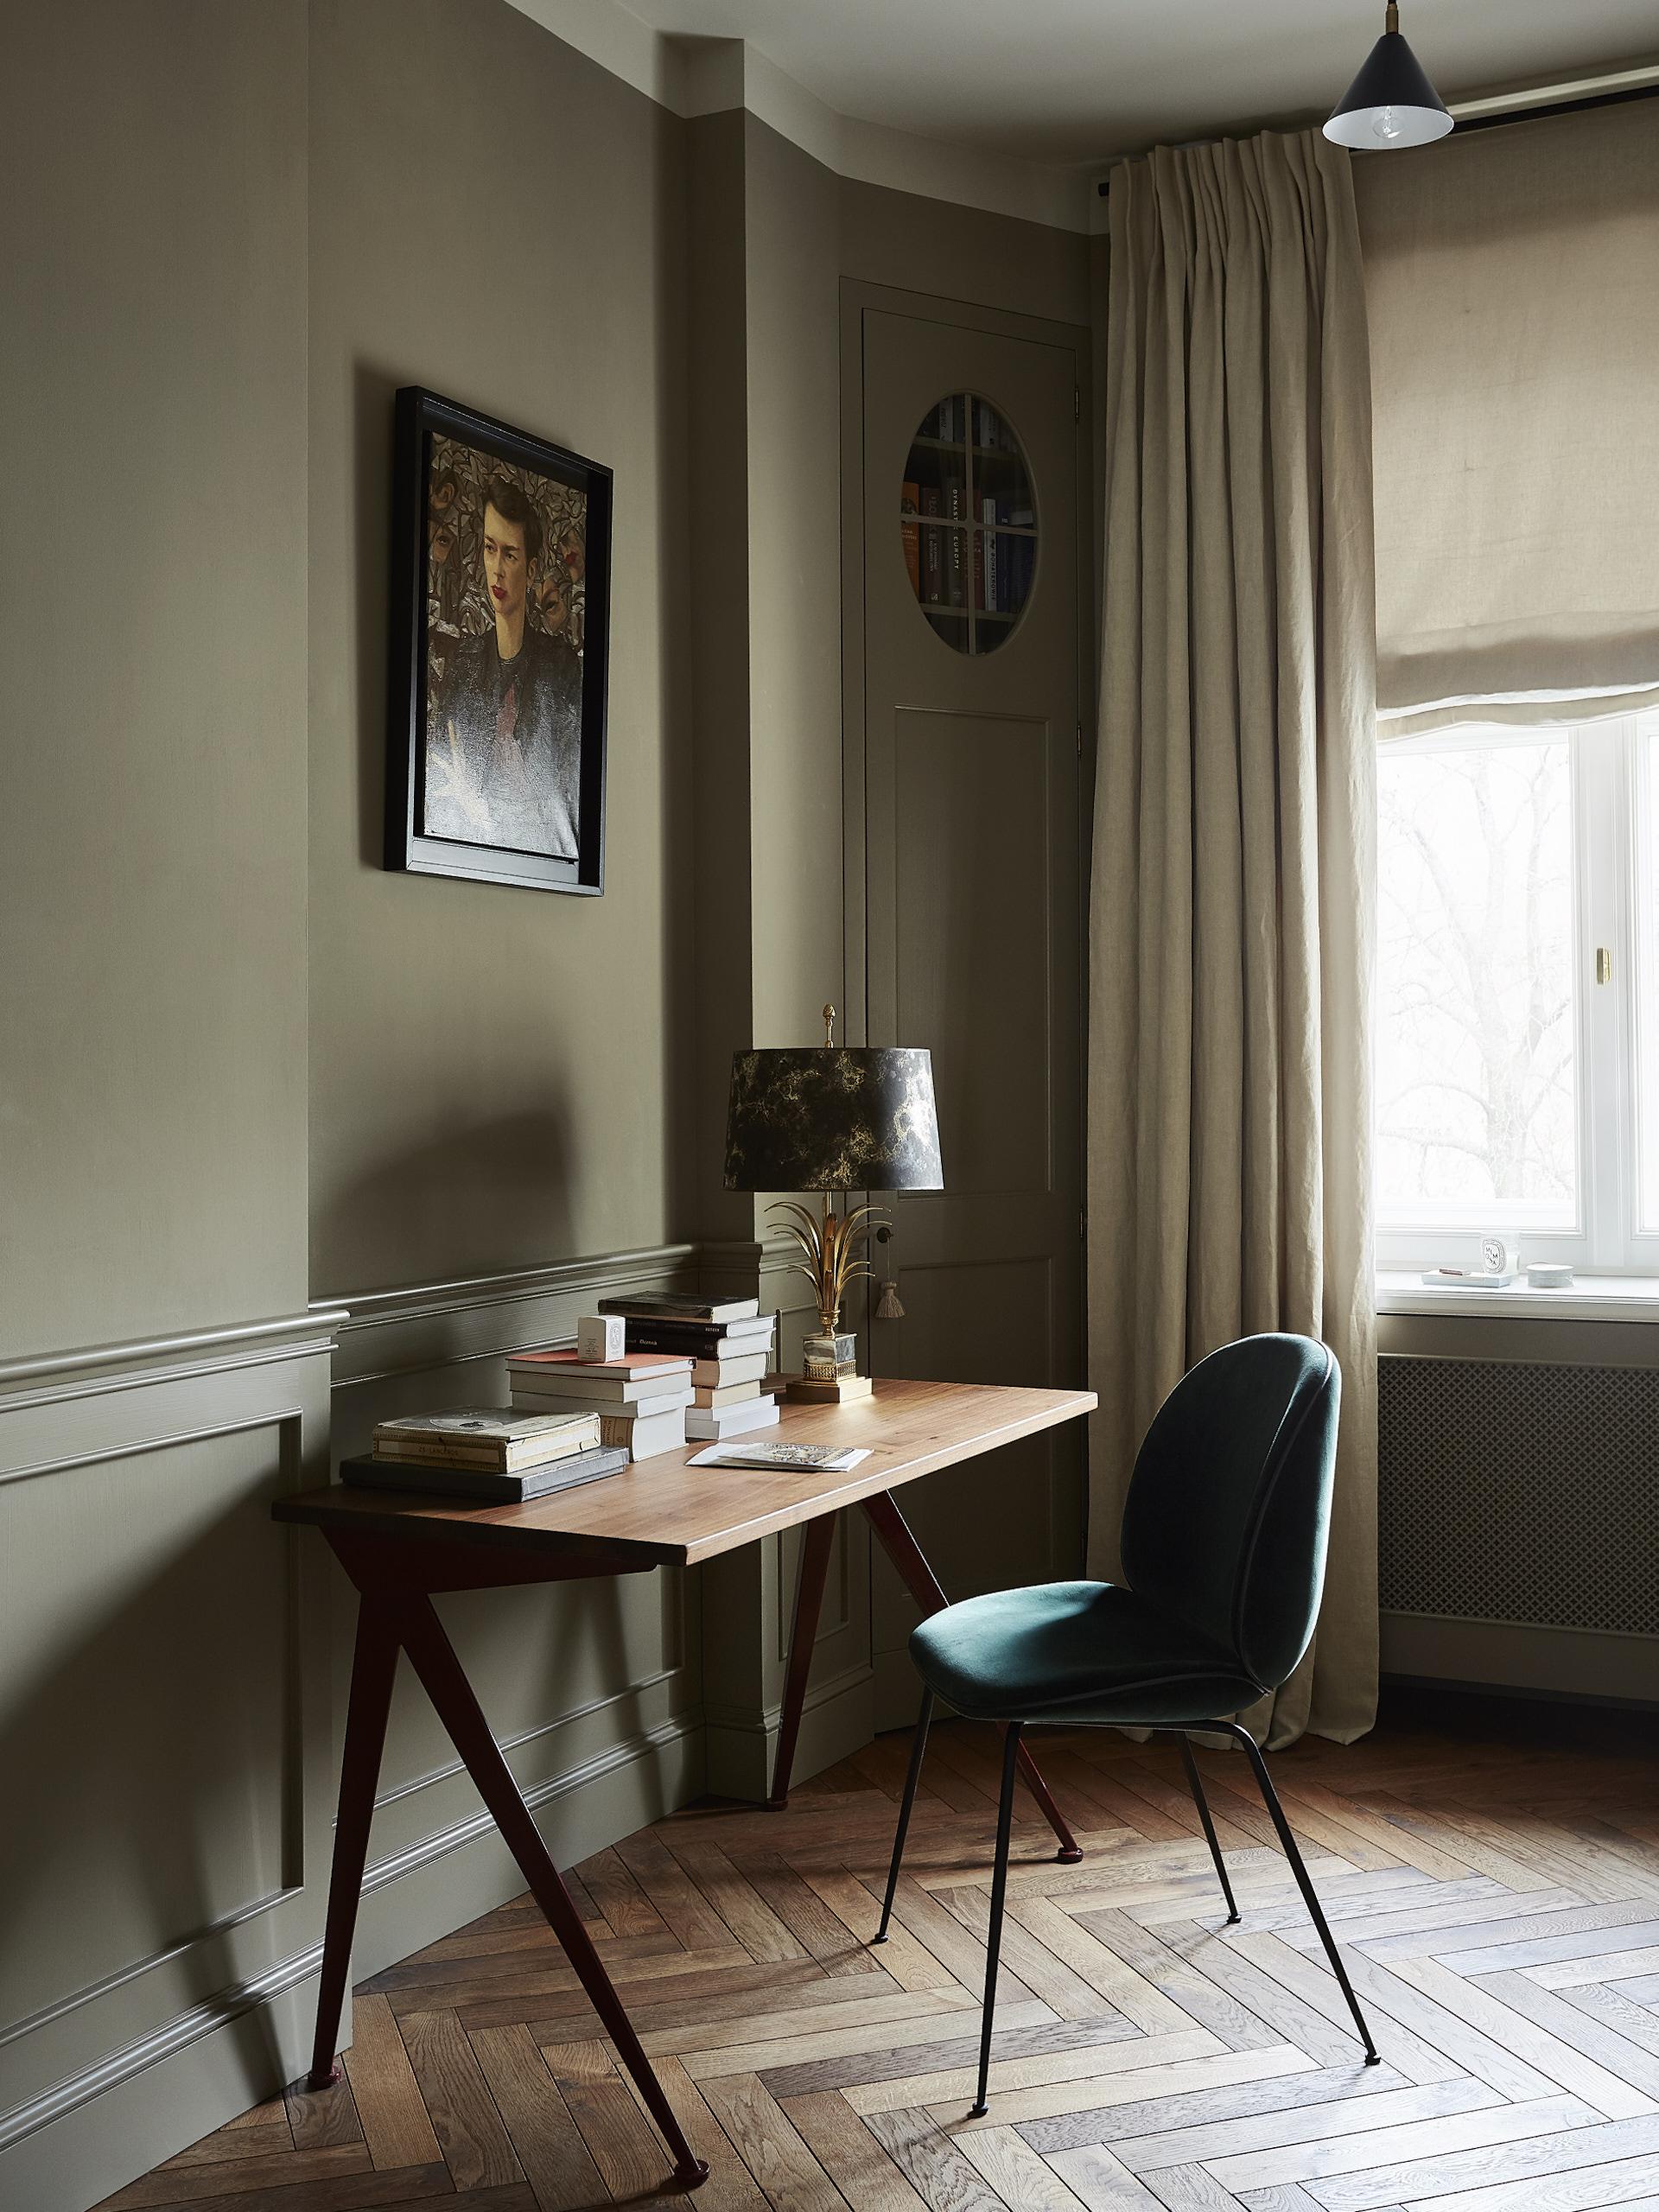 Konsolę zaprojektowaną przez Colombe wykonano z drewna teakowego, marmuru traumisera oraz mosiądzu.